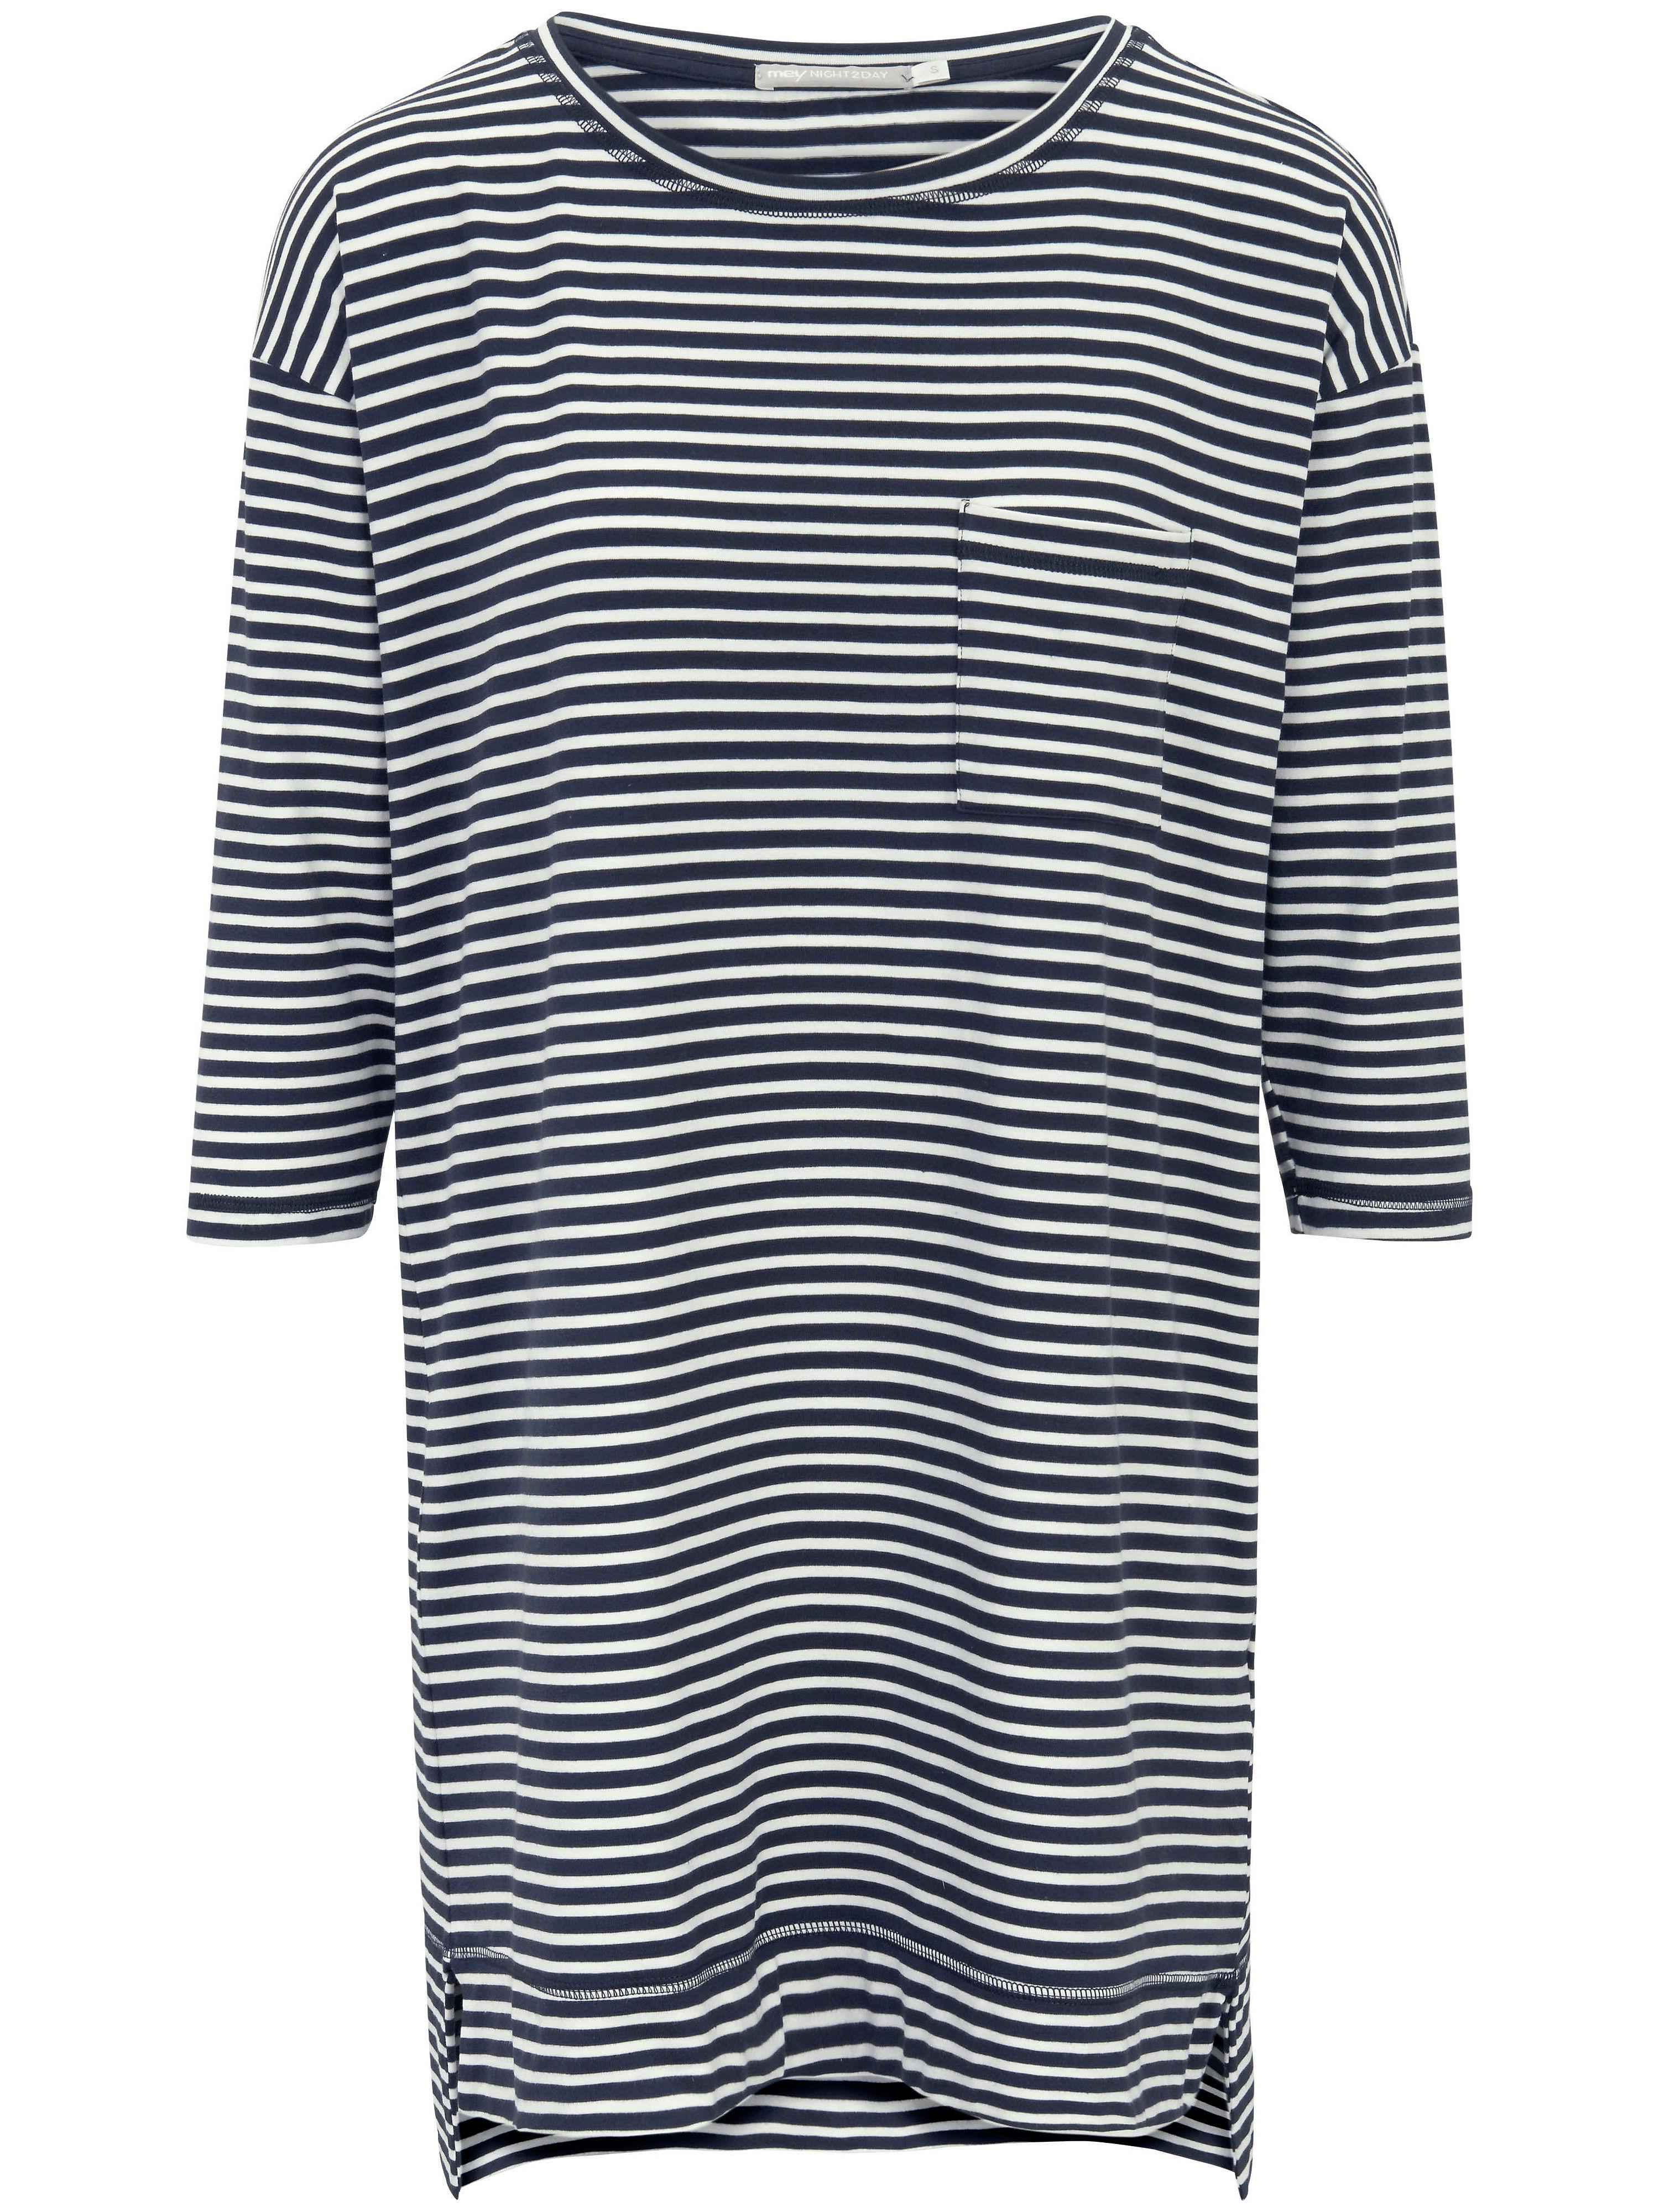 La chemise nuit esprit sport, manches 3/4  Mey multicolore taille 48